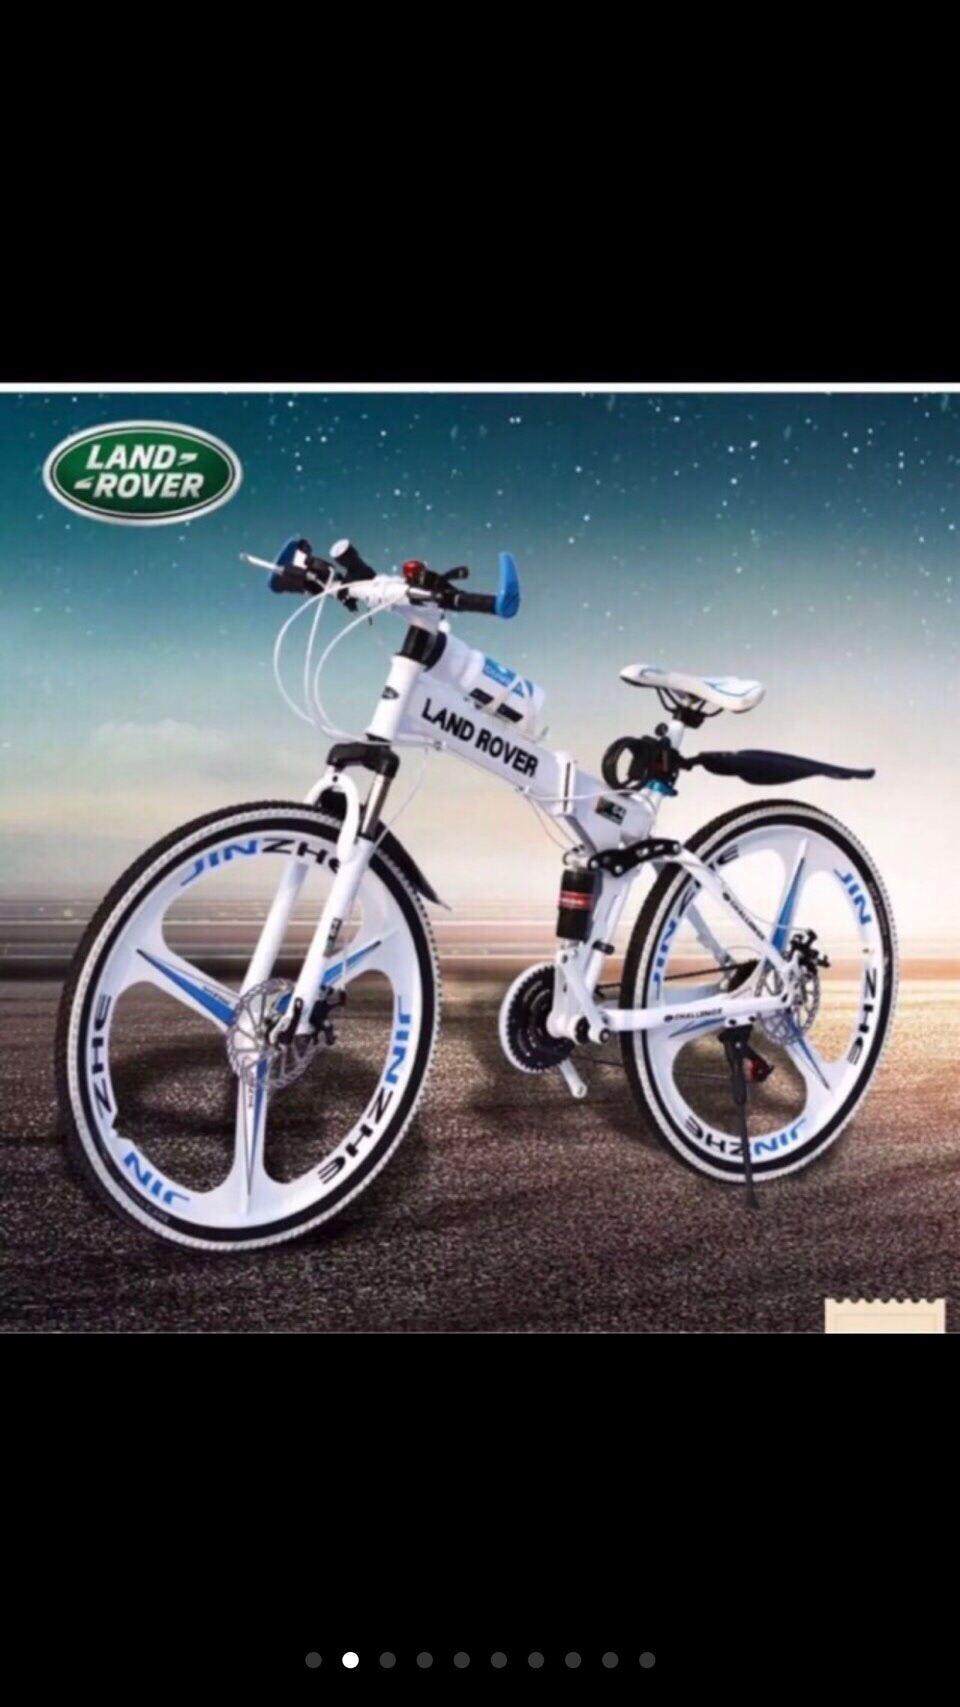 Mua Xe đạp gấp lanrover